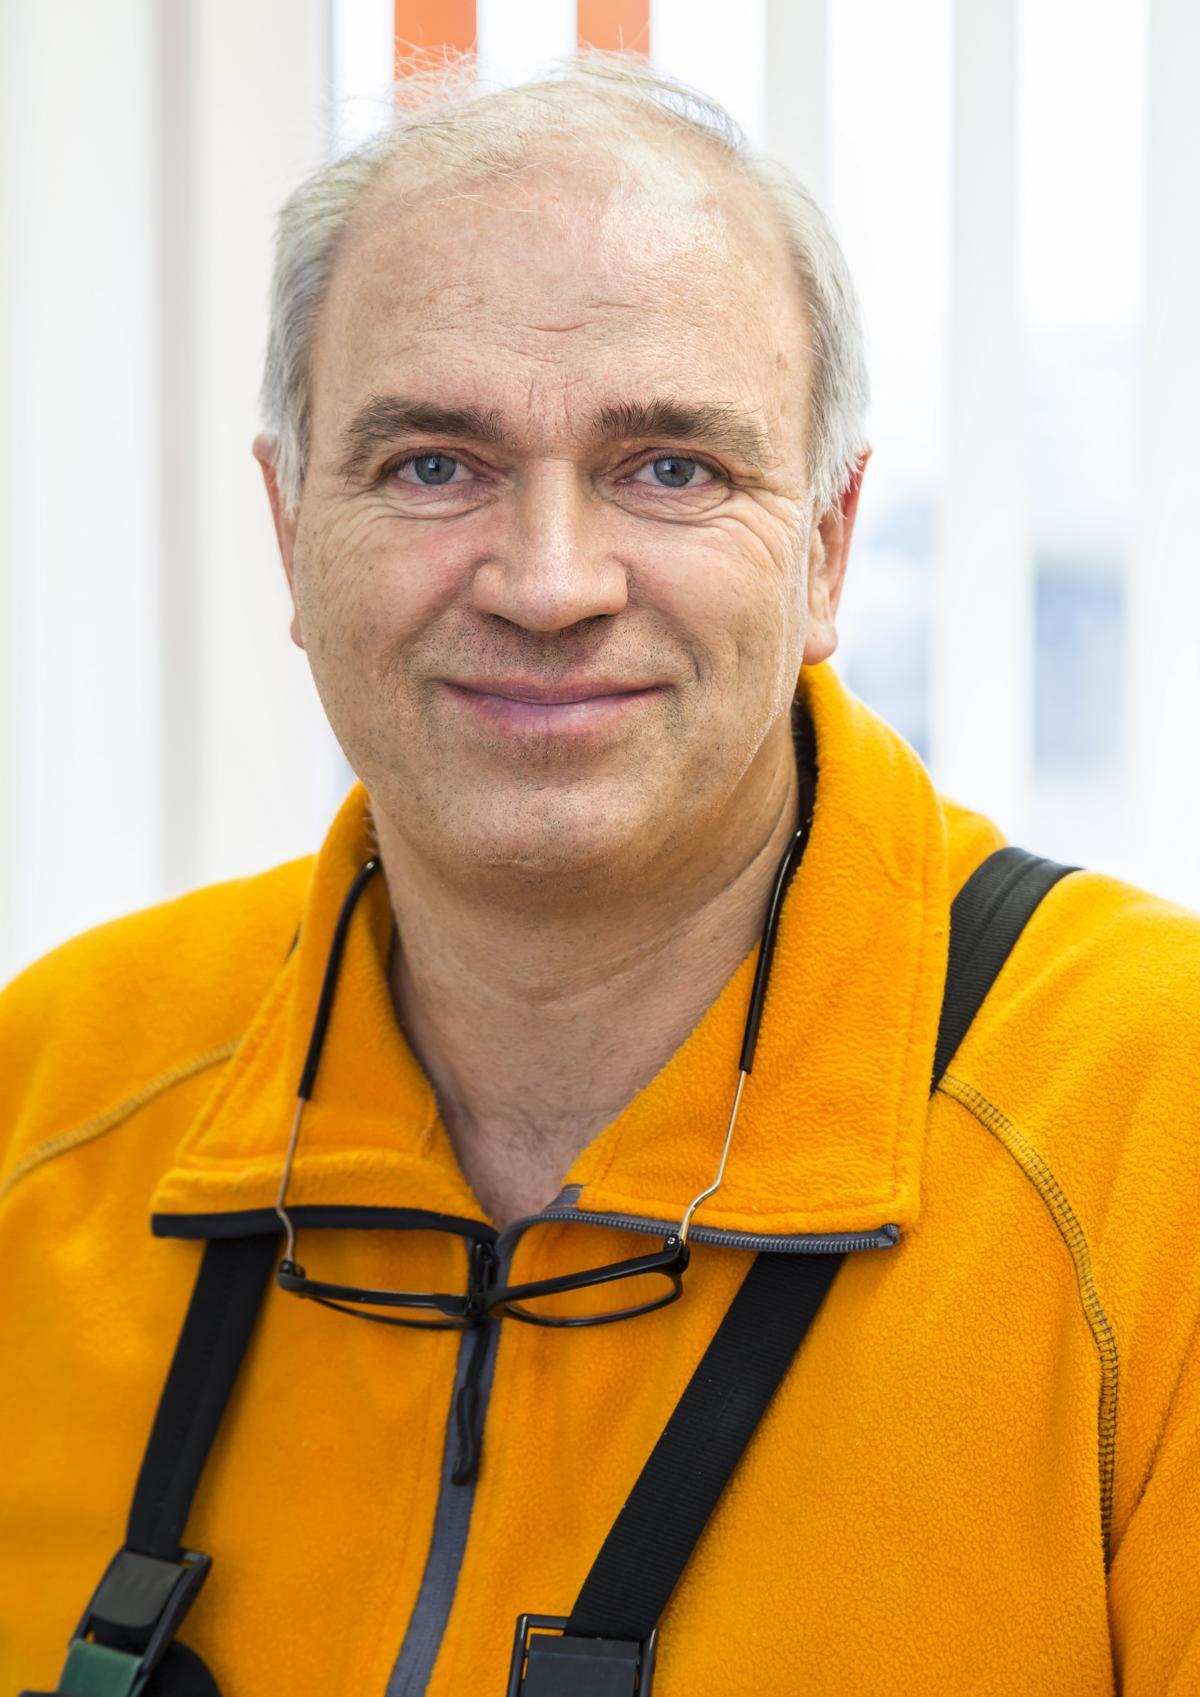 Dirk Wessel